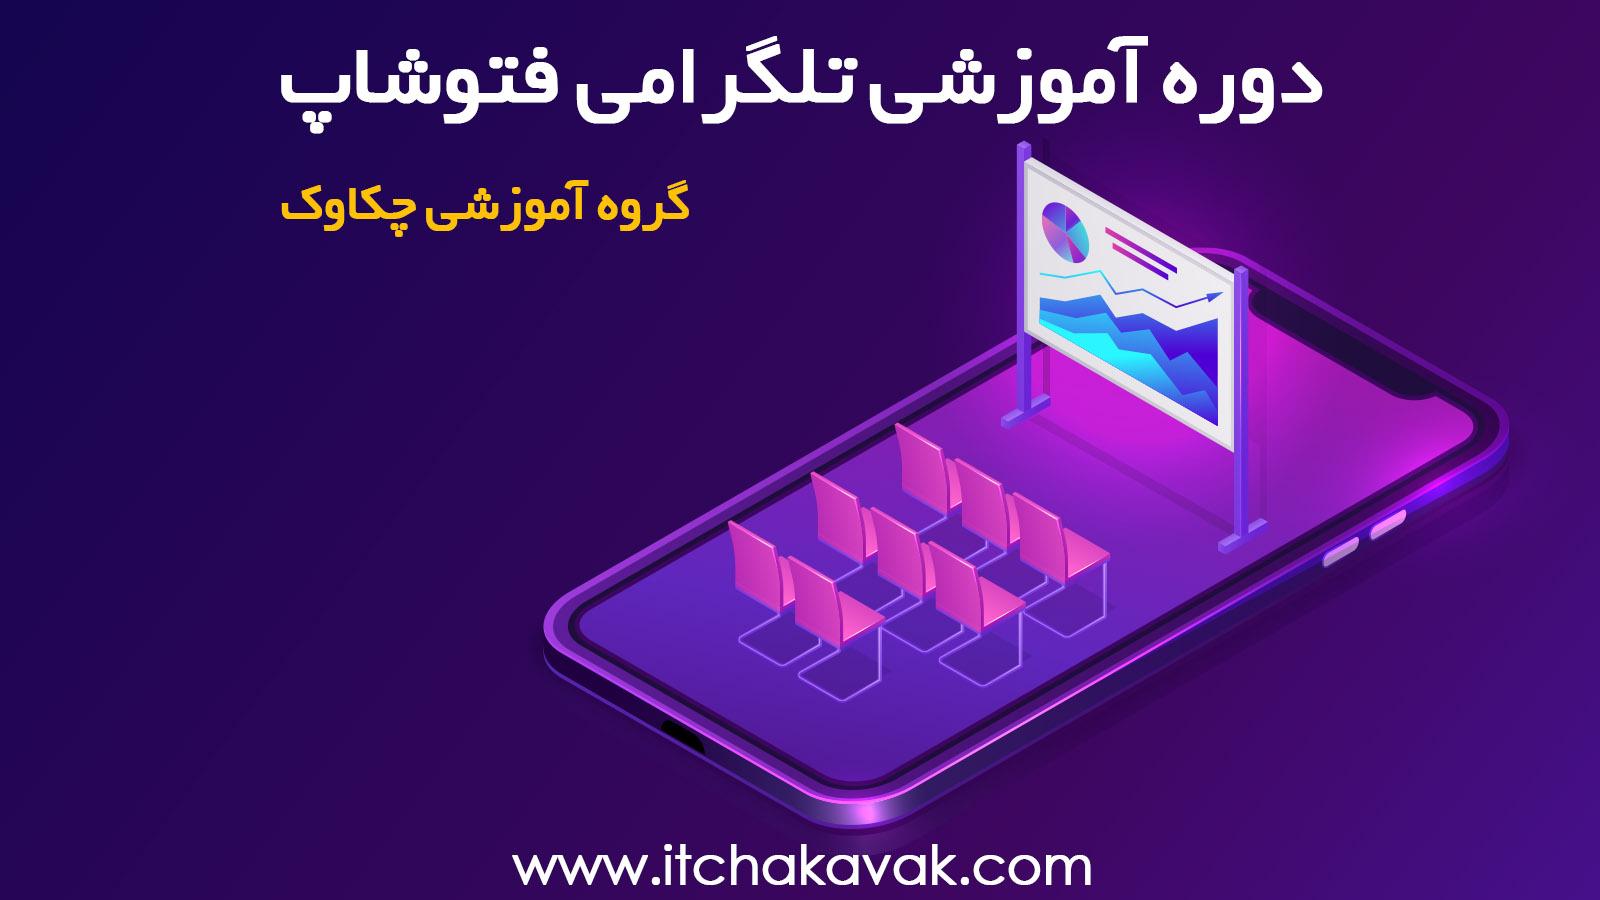 آموزش فتوشاپ در تلگرام